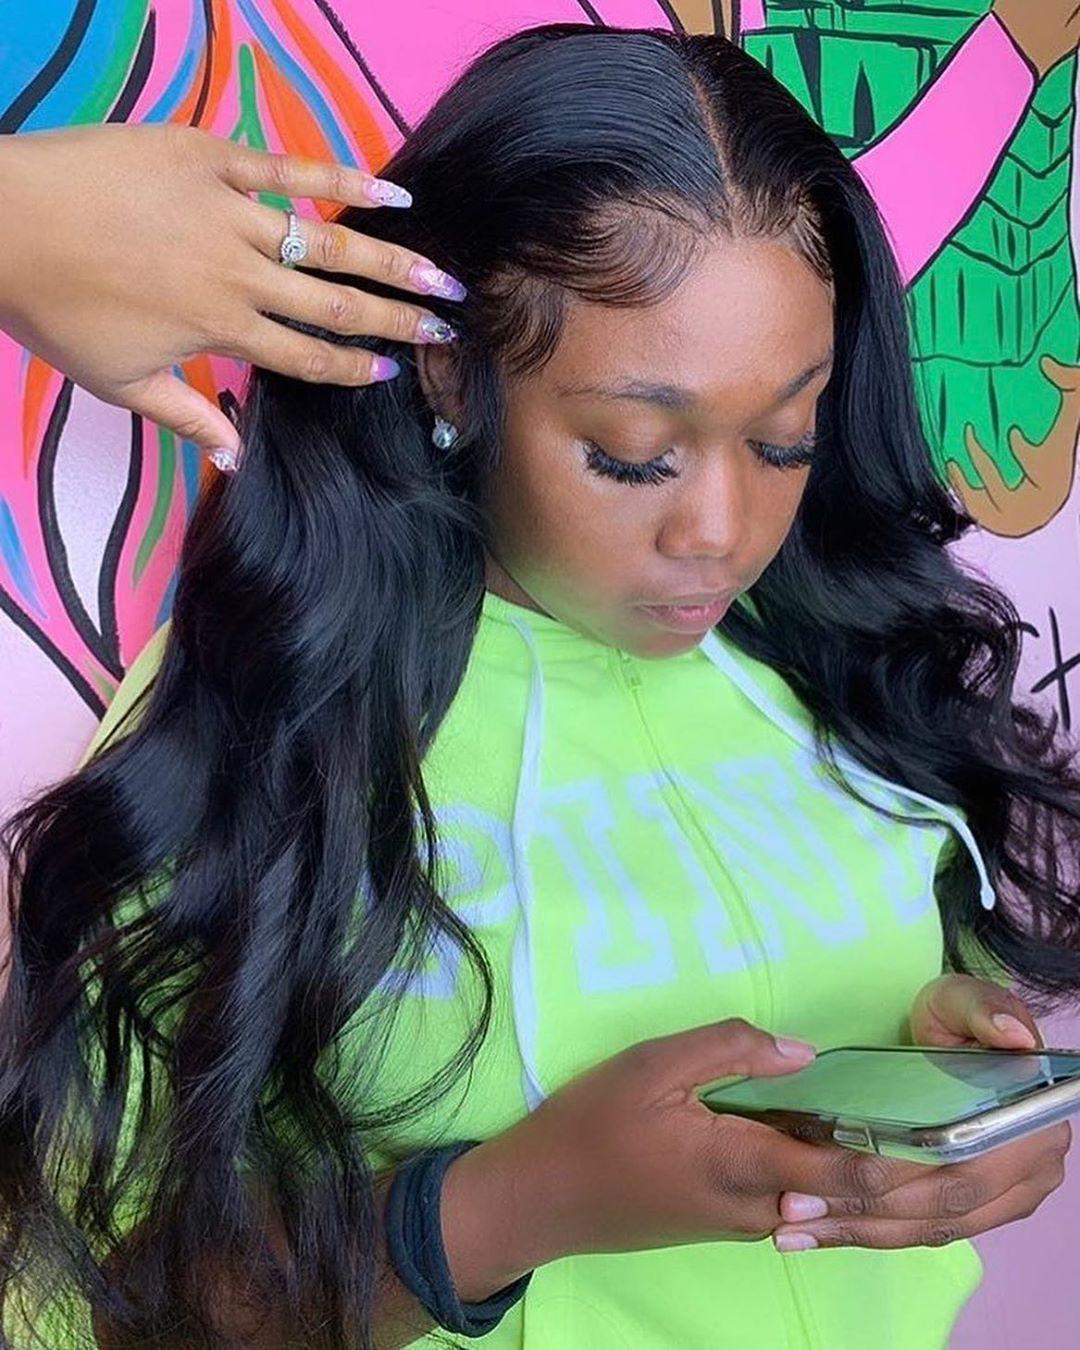 13x6 frente del cordón de la onda del cuerpo falso brasileña del frente del cordón de la peluca del cuero cabelludo humano pelucas para mujeres Negro de pelo pre arrancó nudos blanqueados 180%